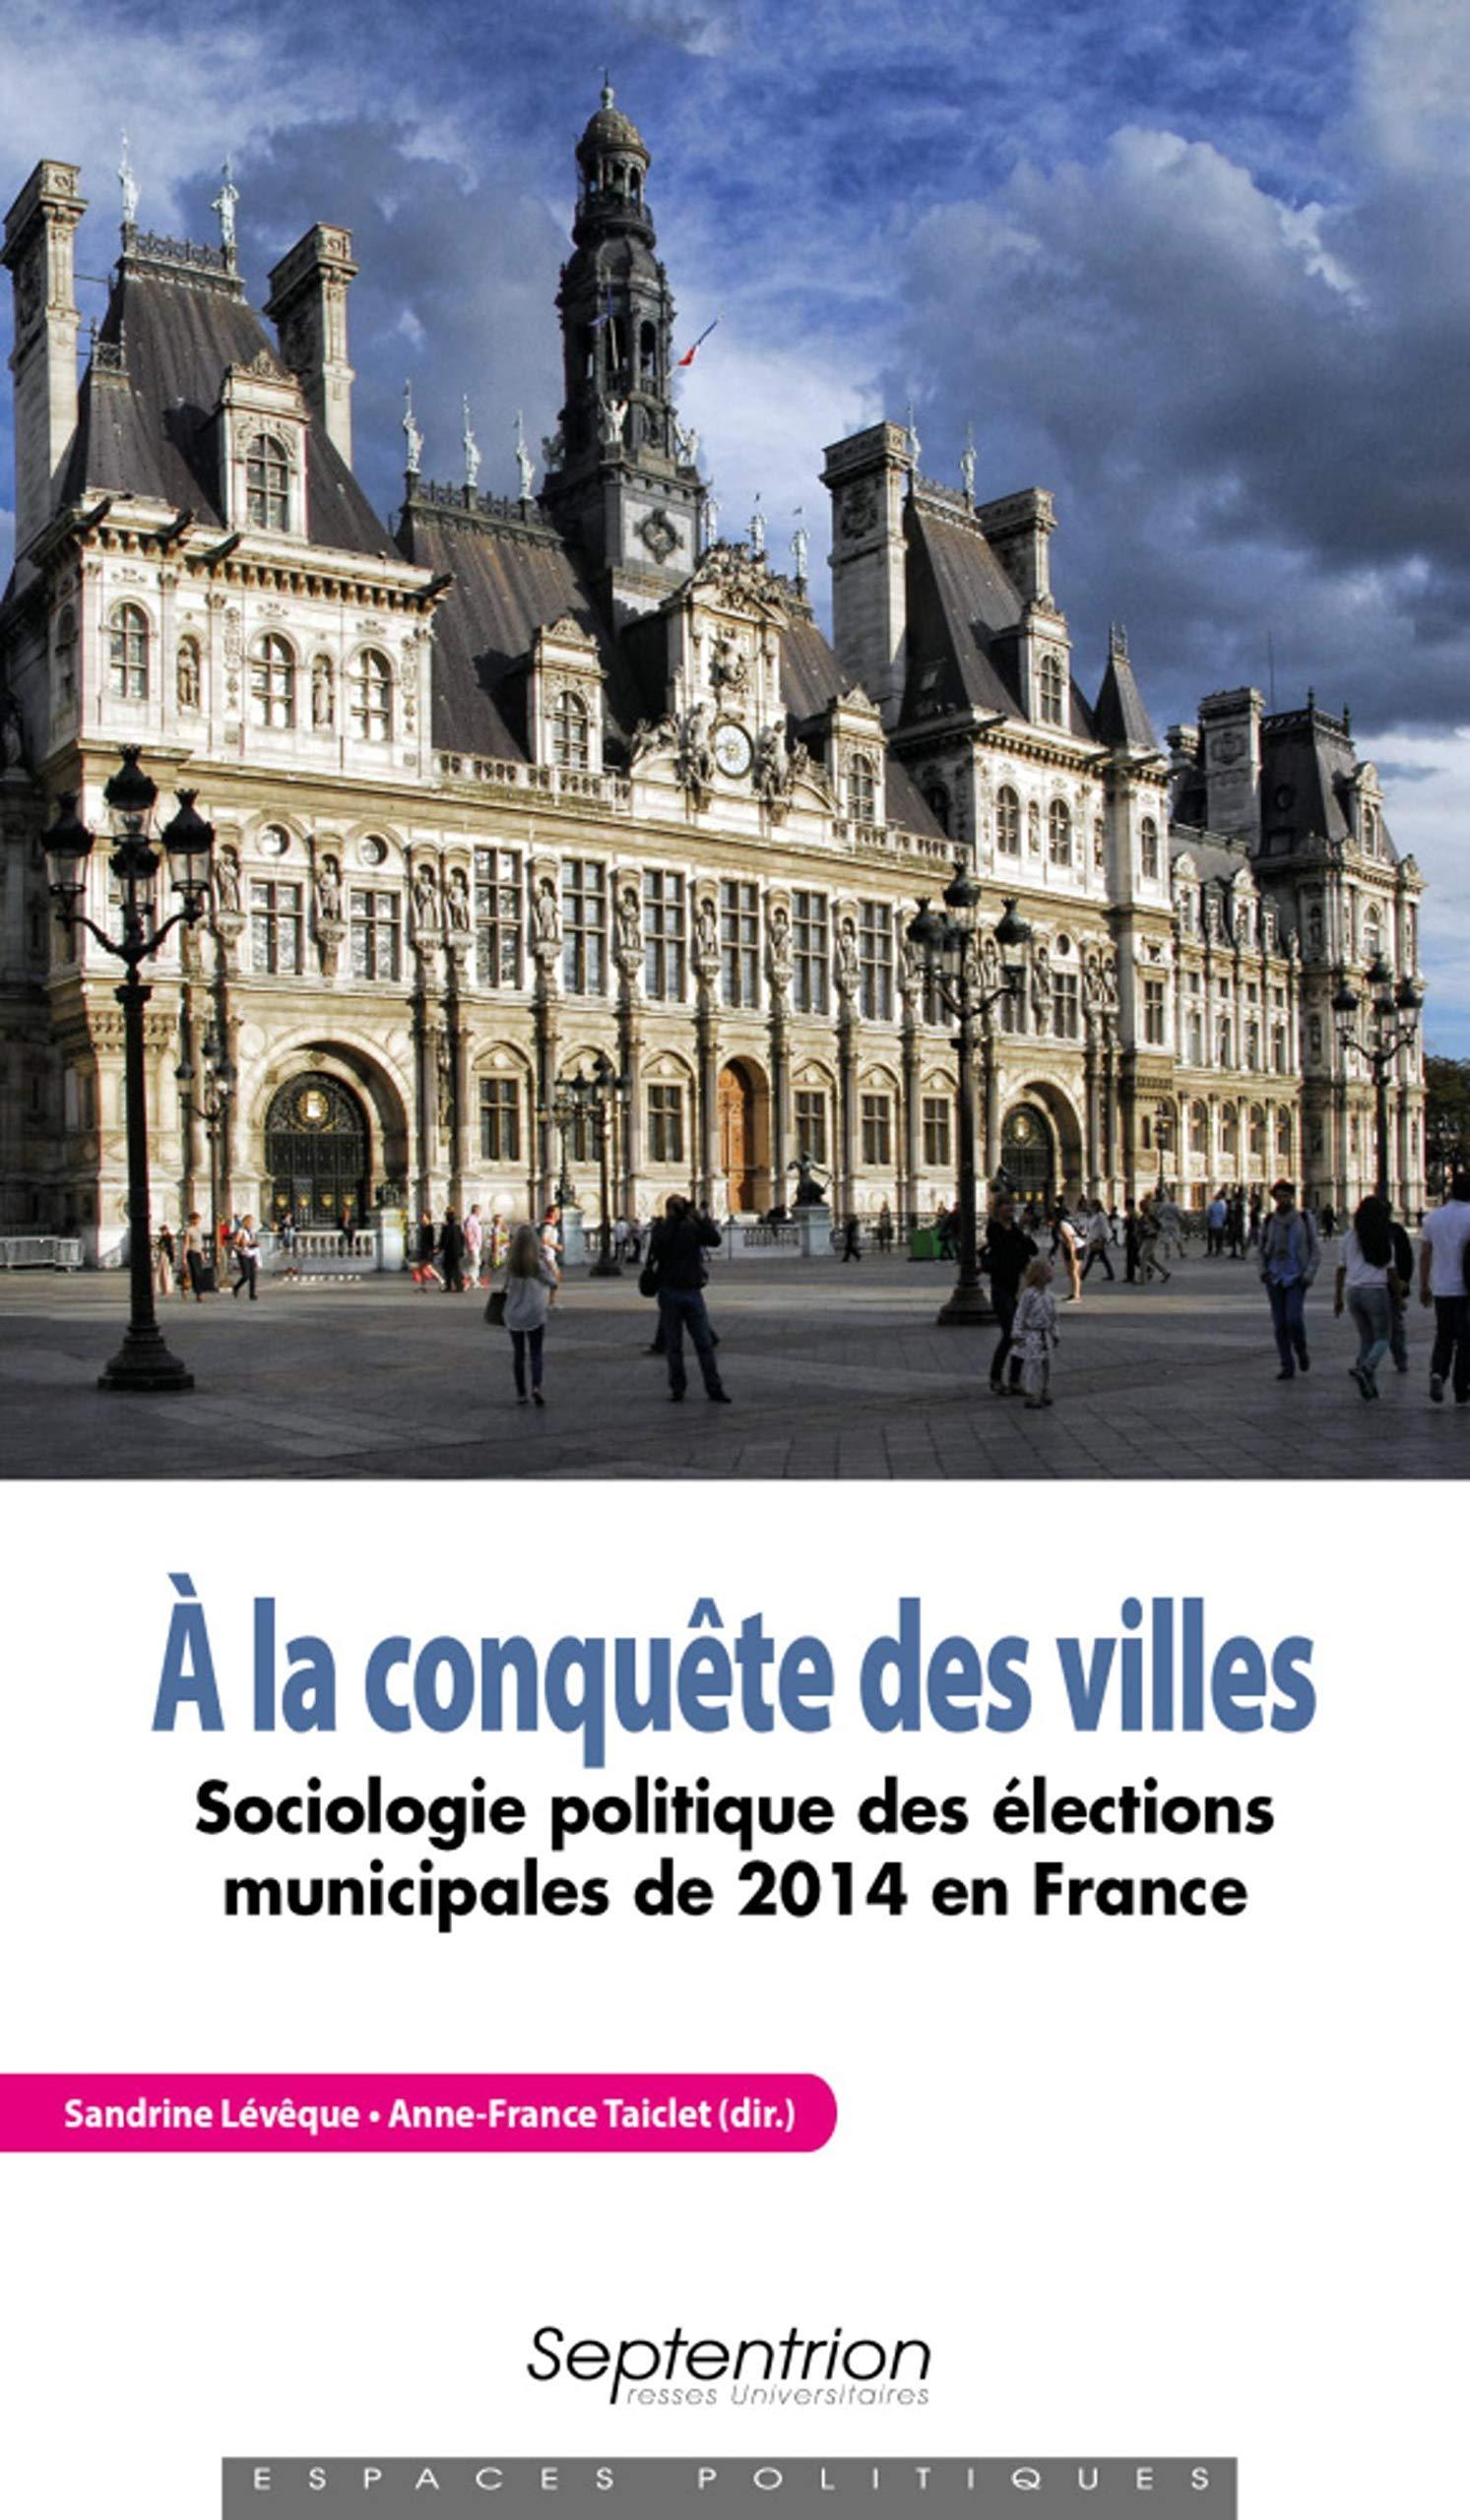 A La Conquete Des Villes Sociologie Politique Des Elections